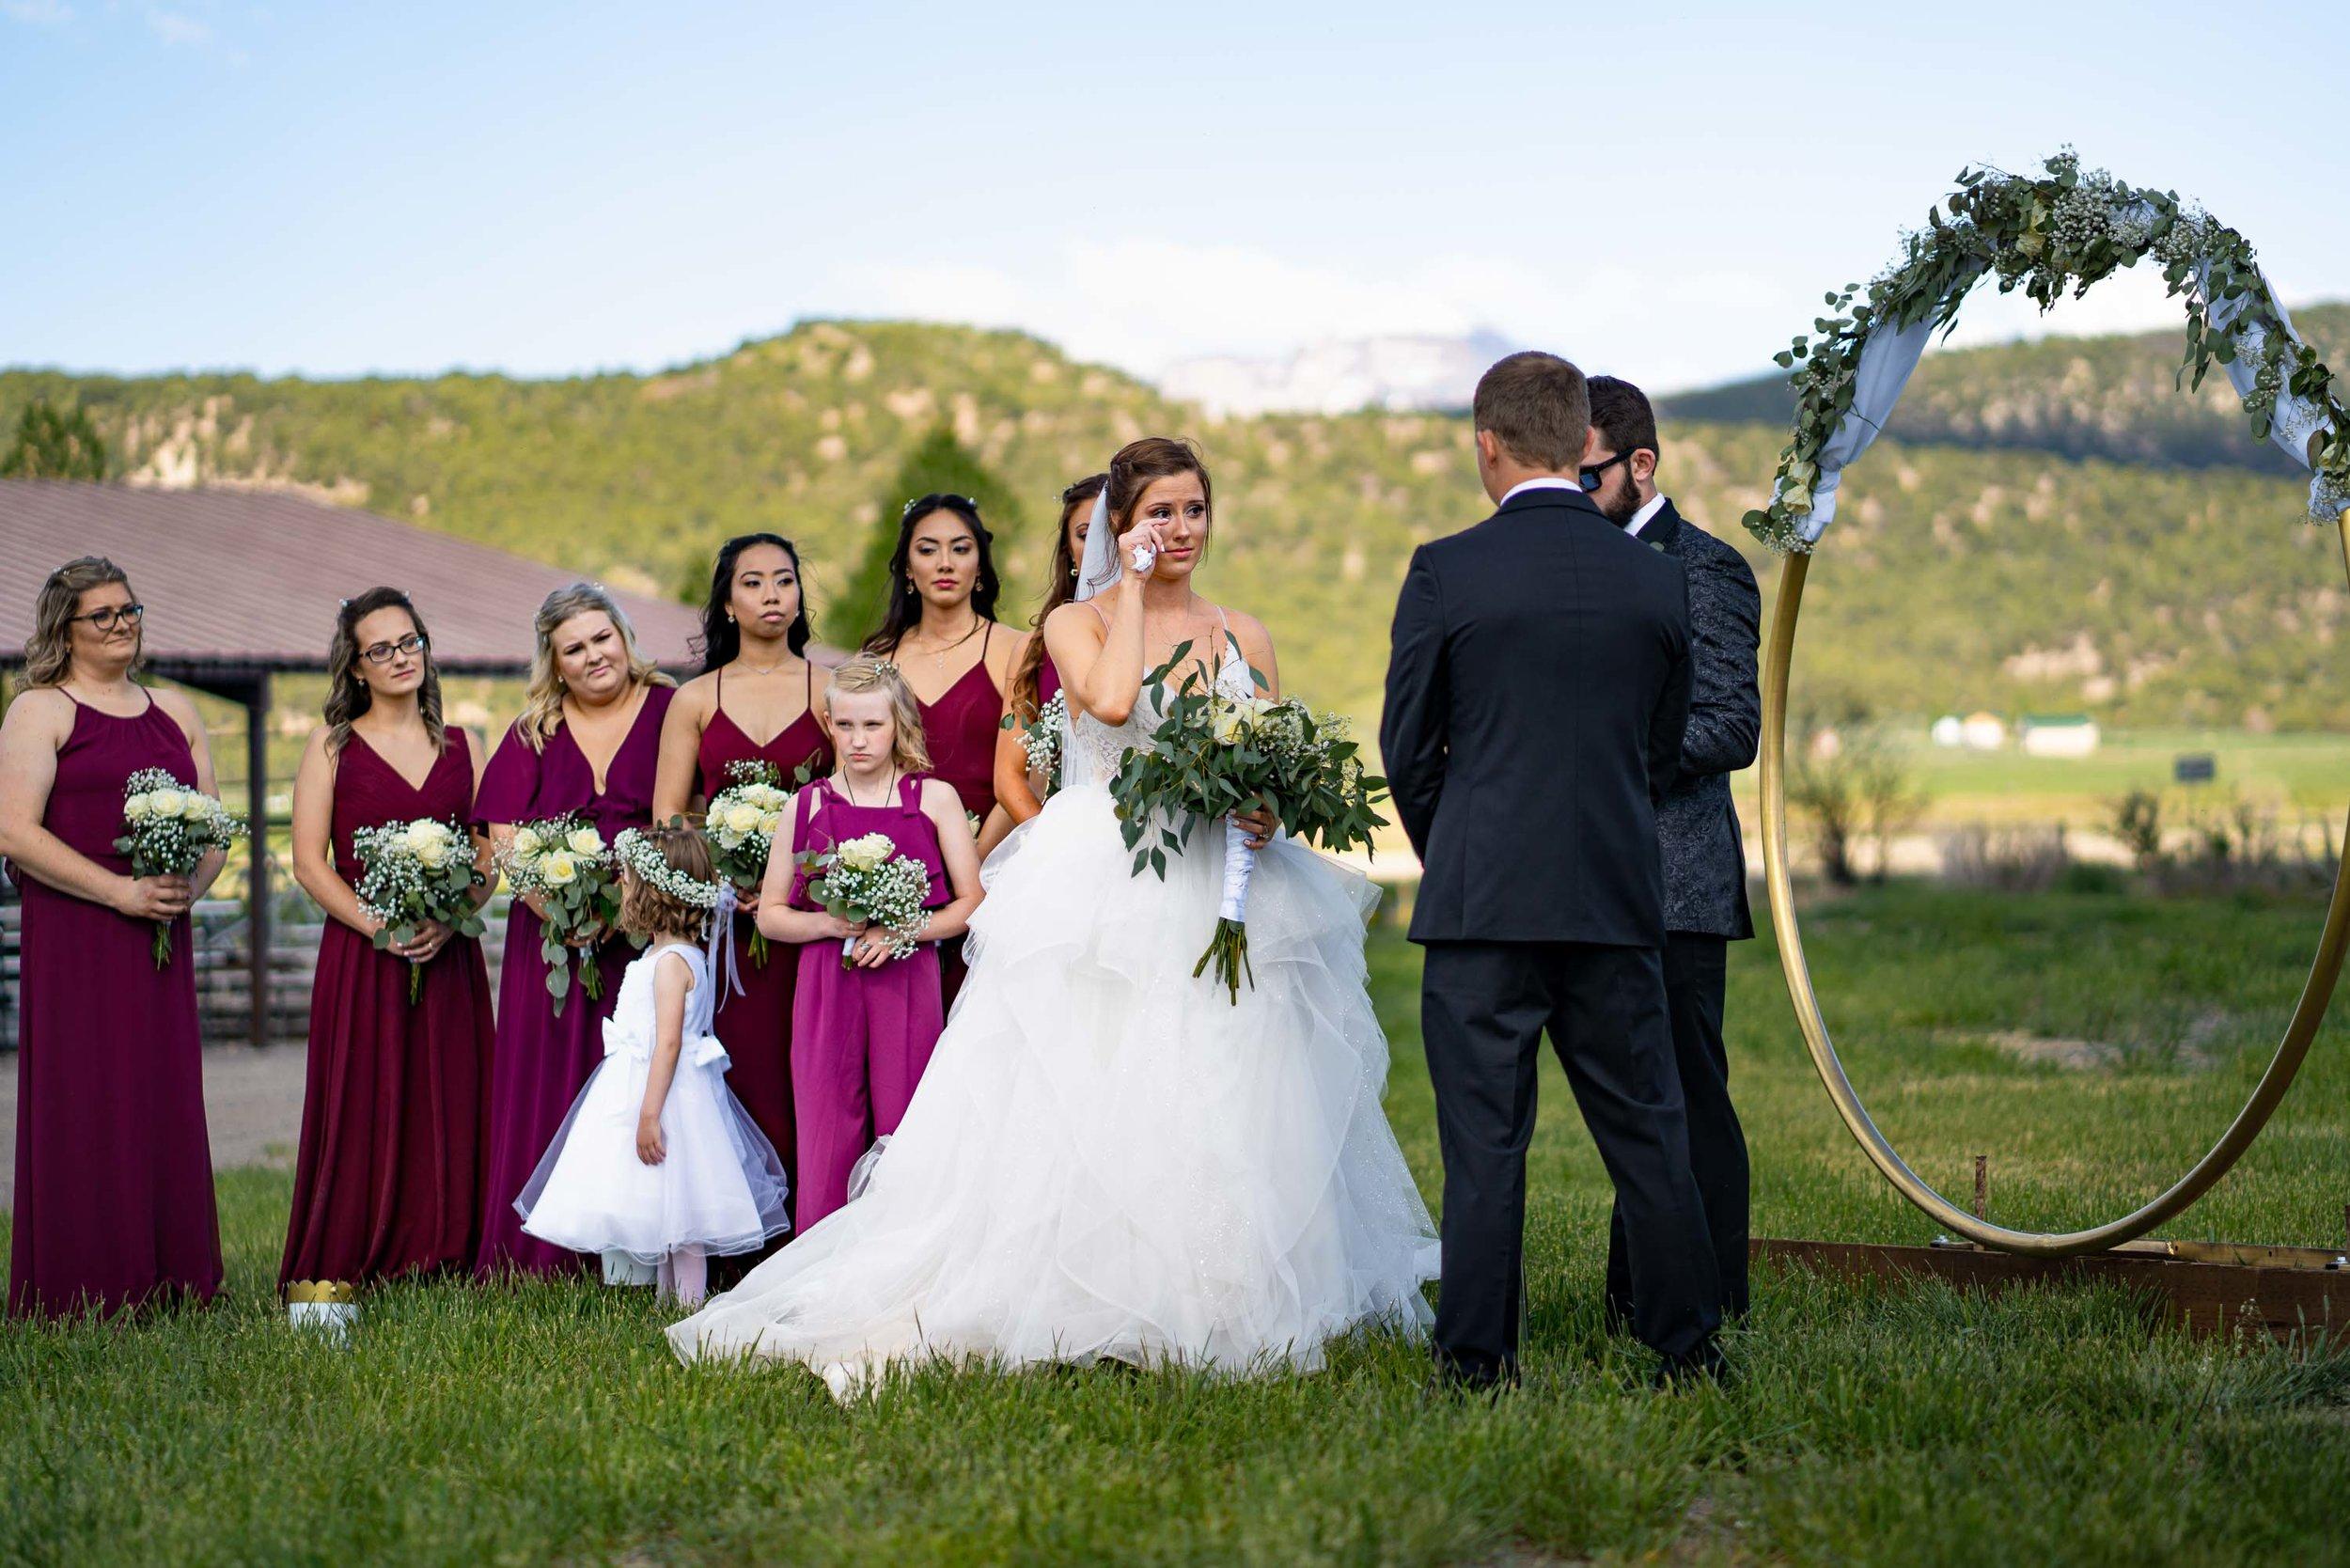 Kelsie_Nick_Ouray_Wedding-147.jpg